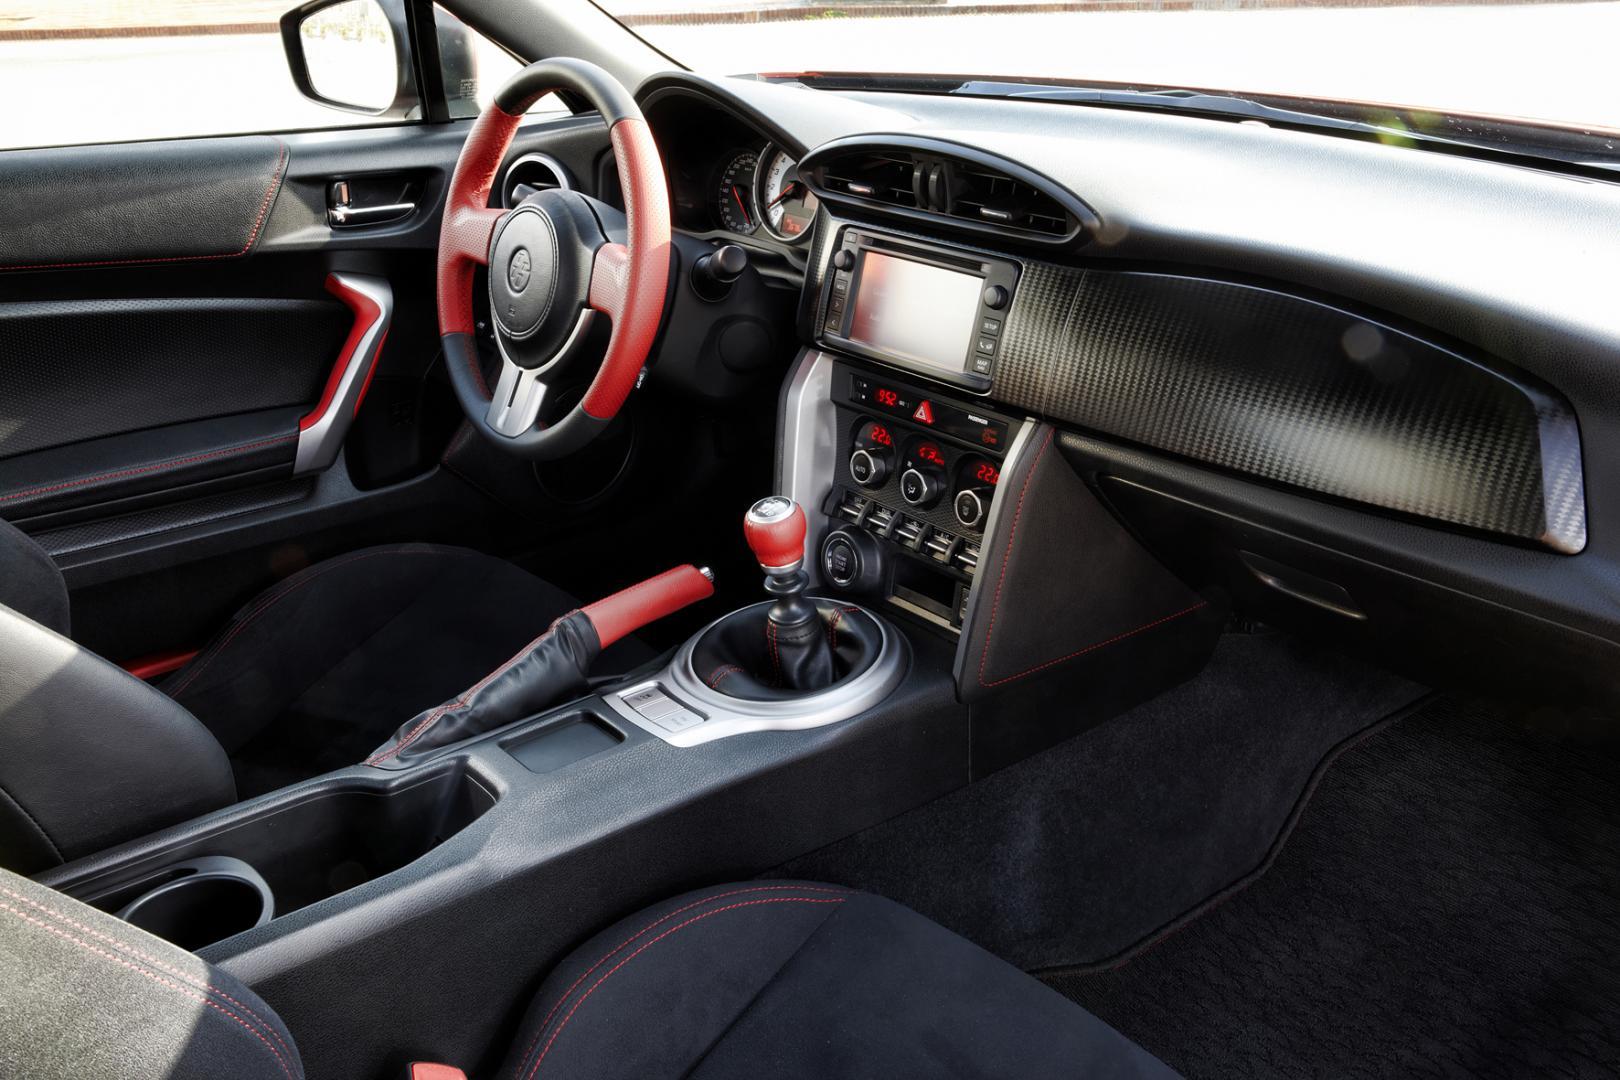 Tweedehands Toyota GT86 interieur (2012)